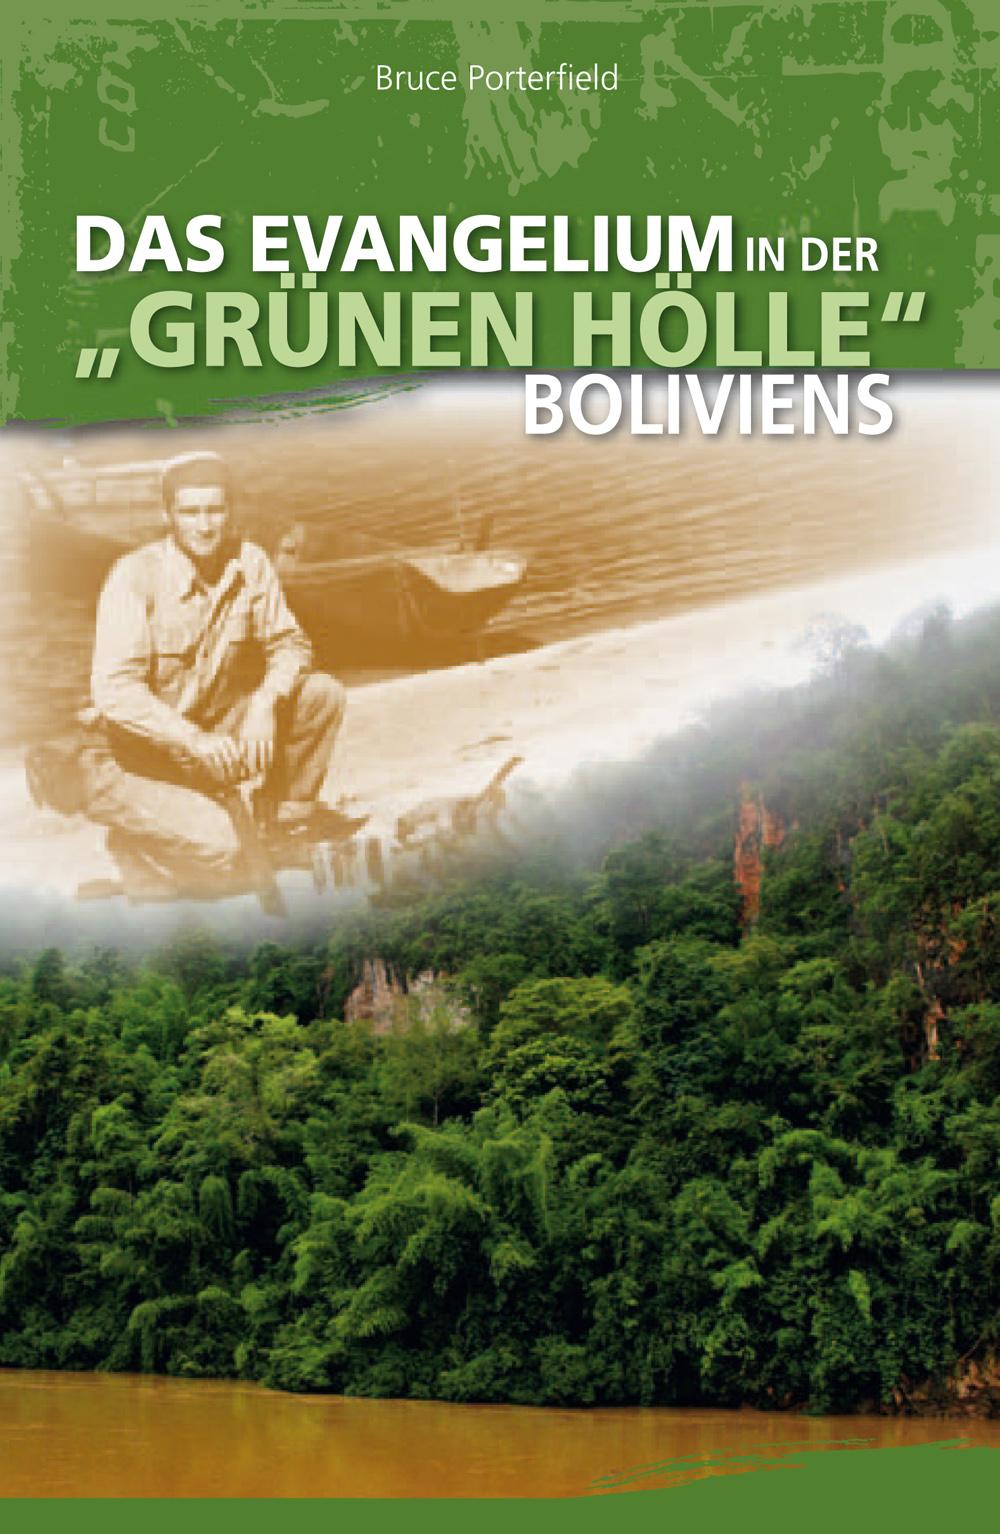 Das Evangelium in der »grünen Hölle« Boliviens